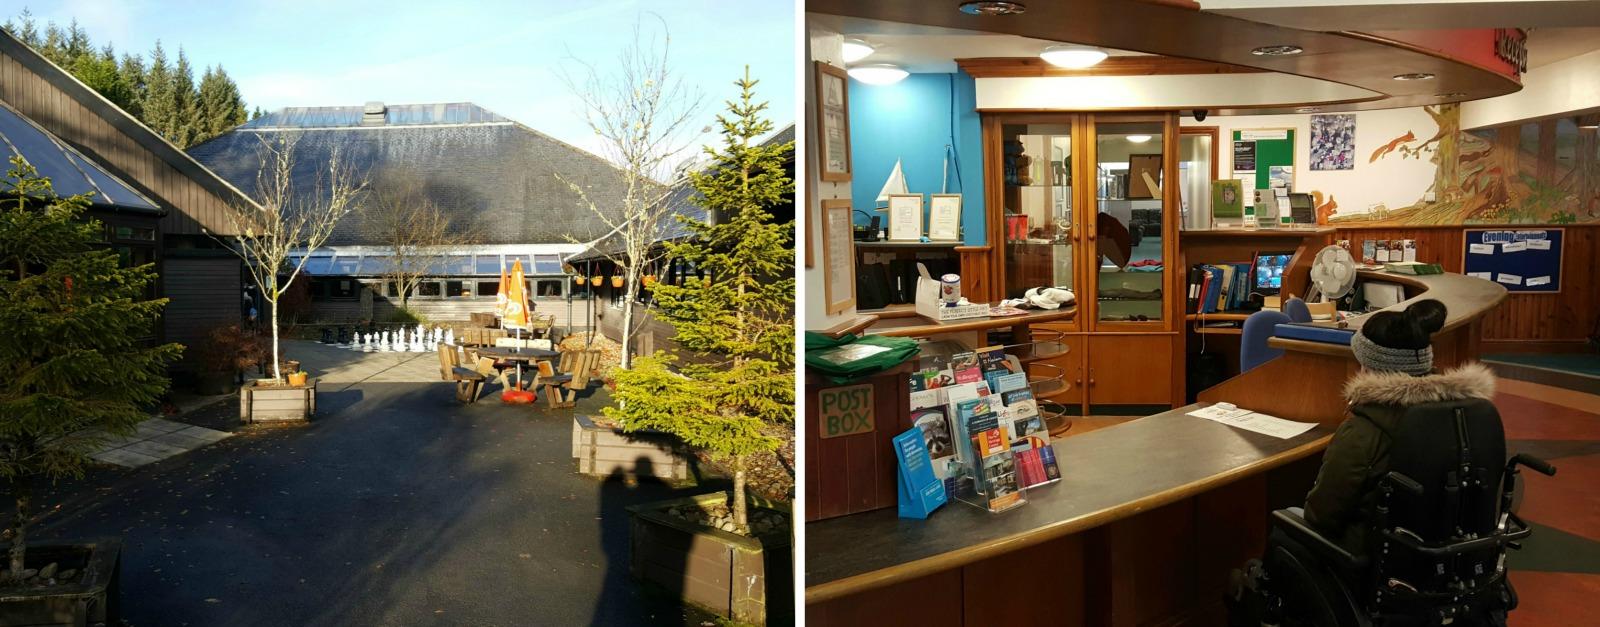 Calvert Trust Kielder Reception Centre